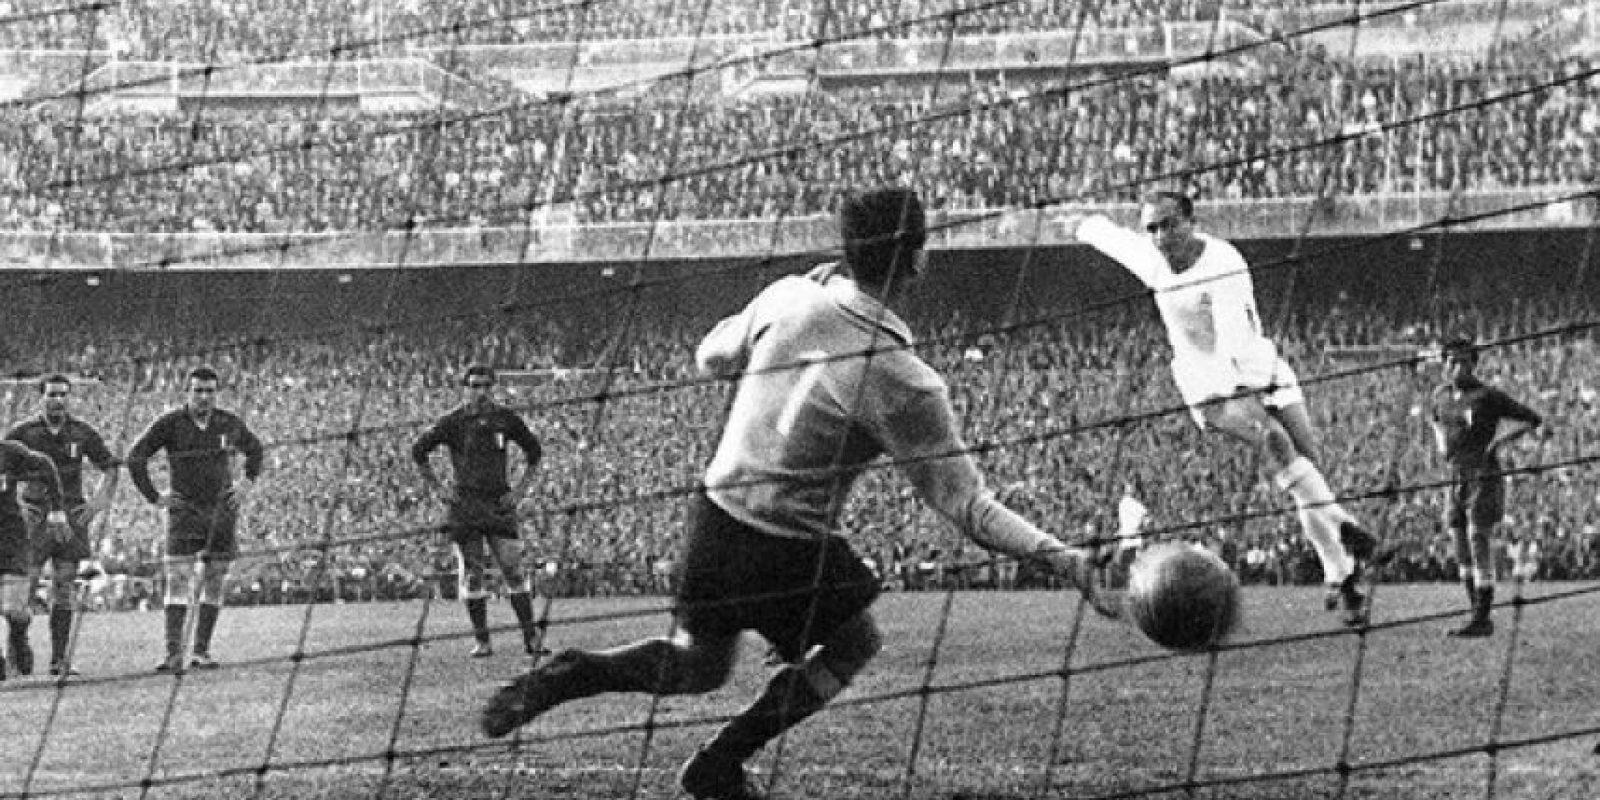 Los equipos de España aventajan 4-2 la serie contra los de Italia en las finales europeas. Foto:Publinews